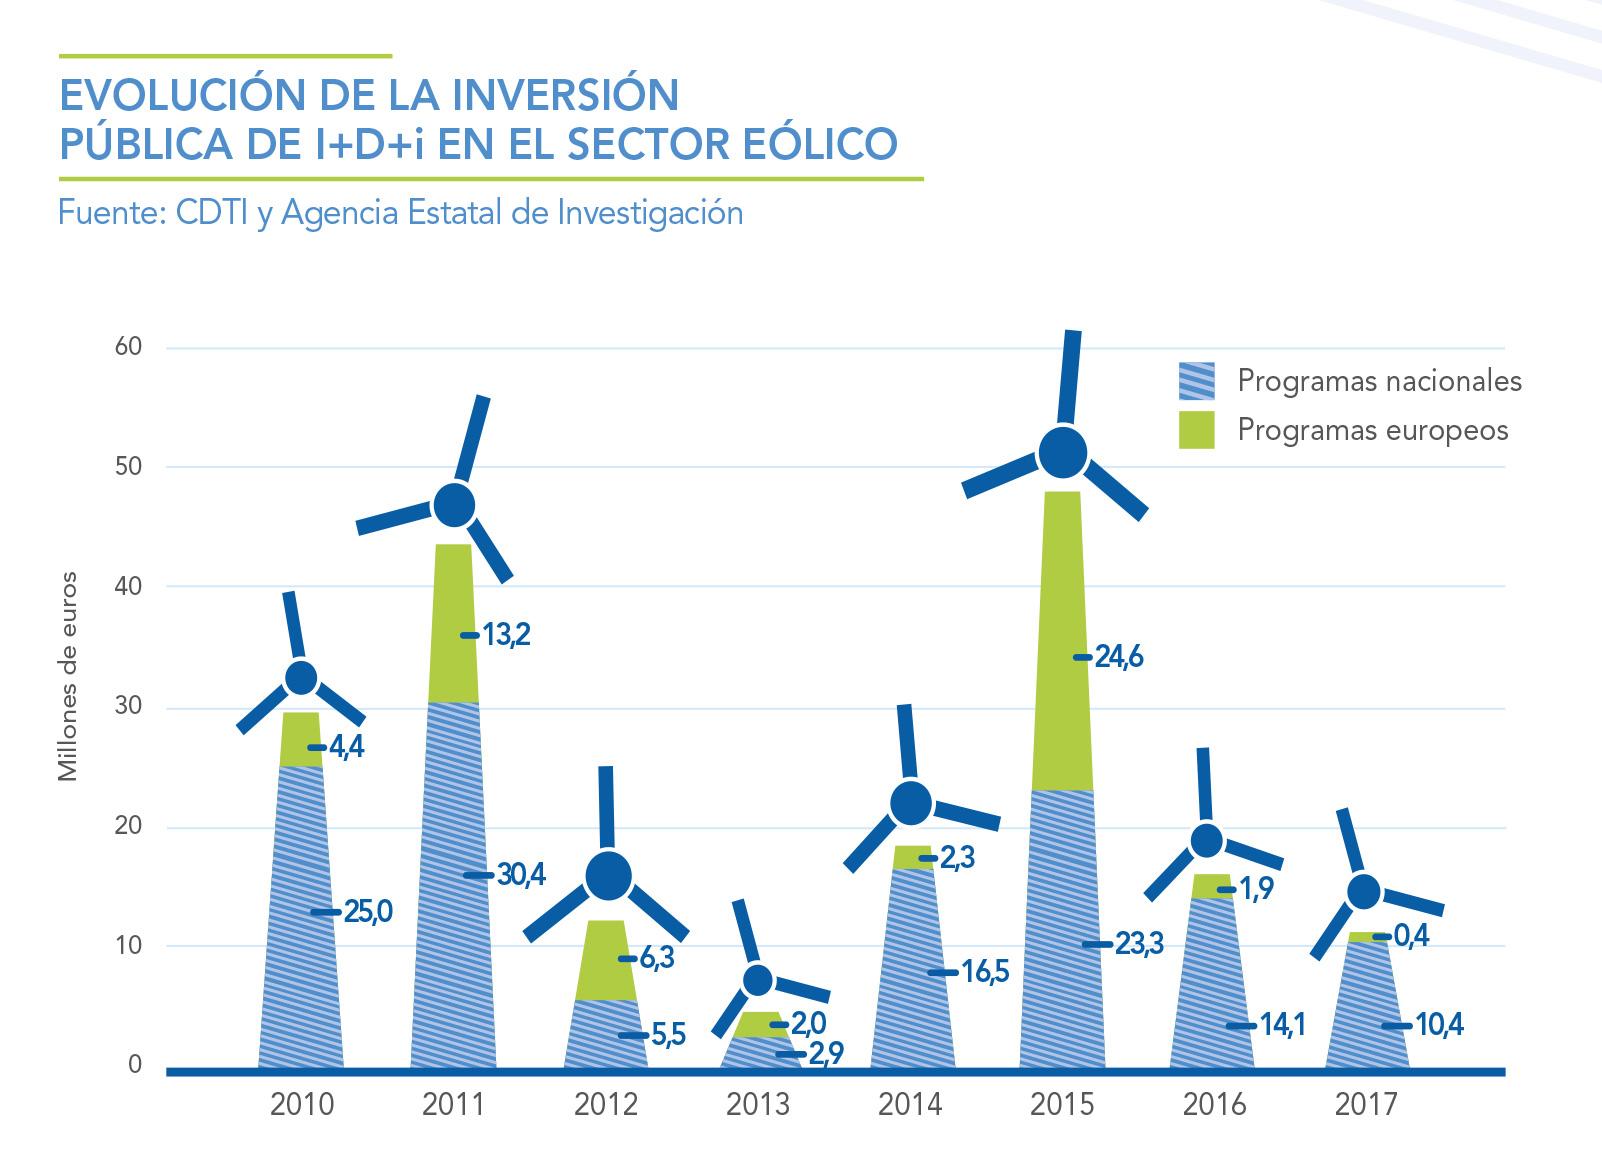 EVOLUCION-DE-LA-INVERSION-PUBLICA-DE-IDI-EN-EL-SECTOR-EOLICO